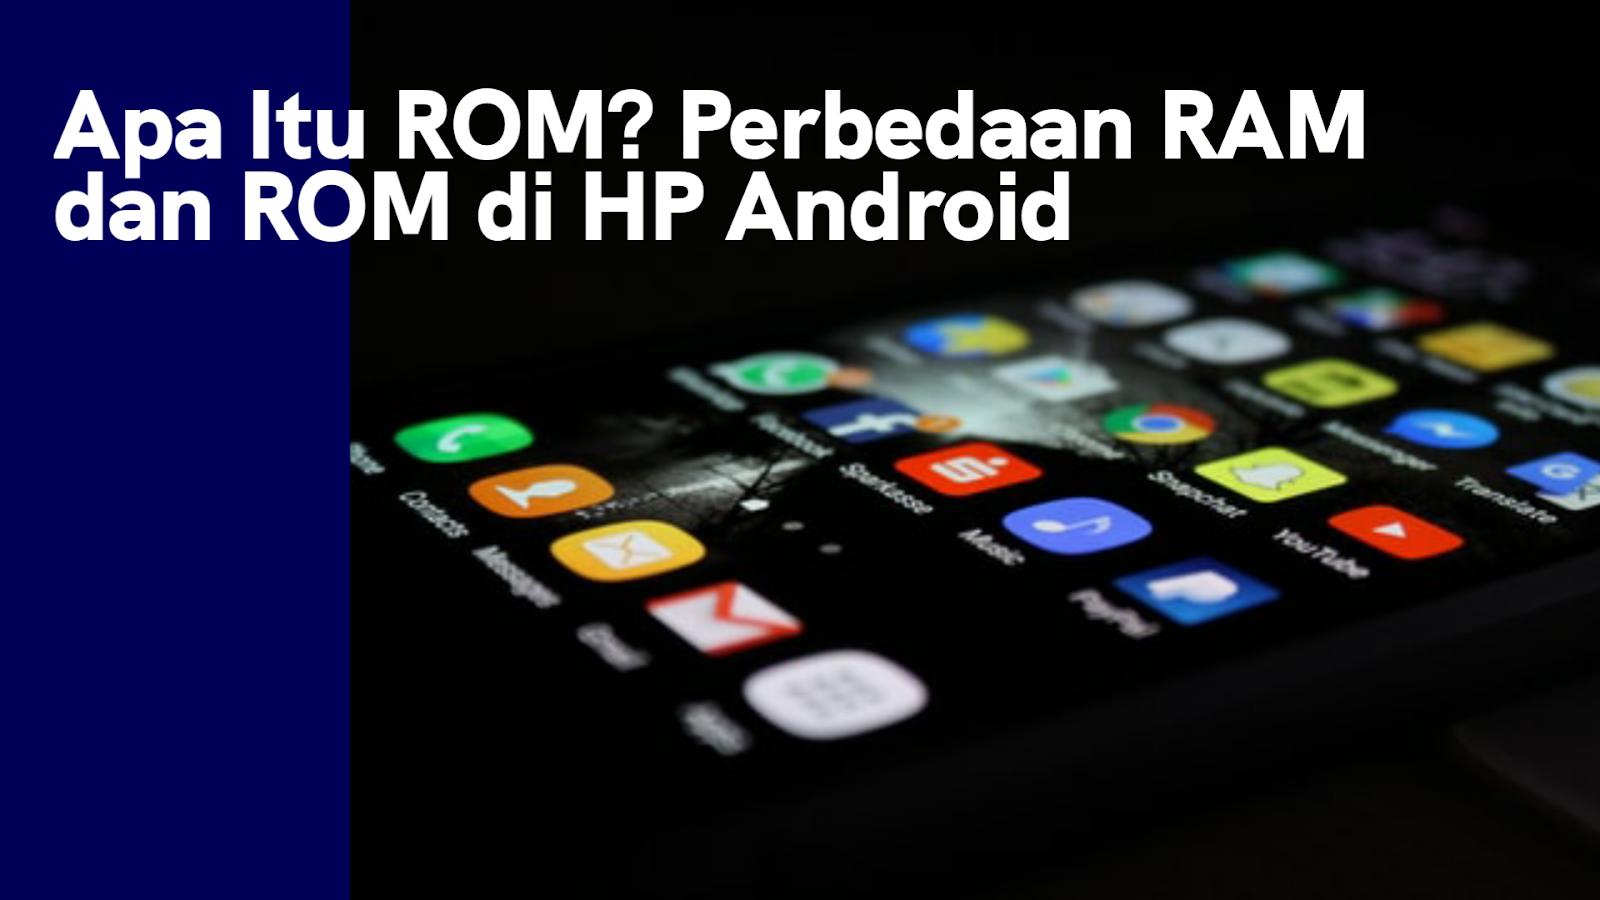 Apa Itu ROM? Perbedaan RAM dan ROM di HP Android